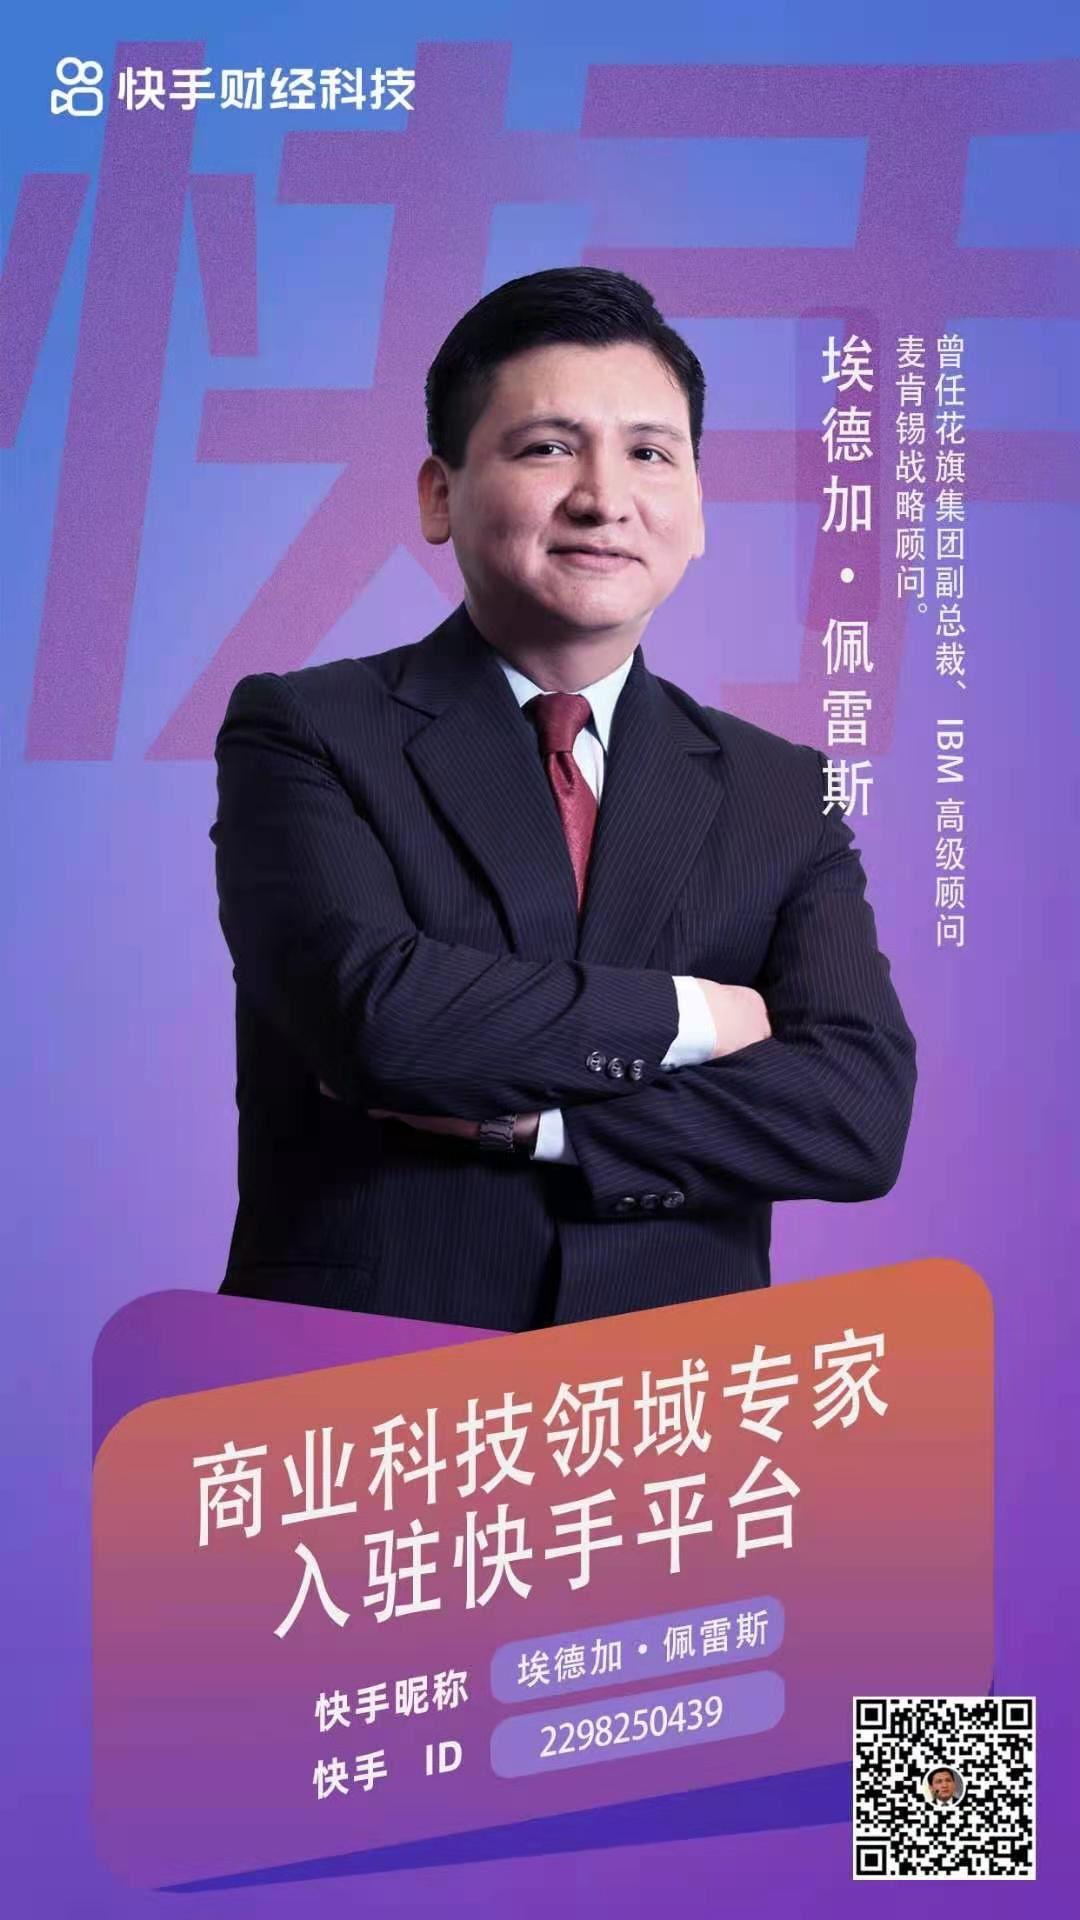 WeChat Image_20210310132633.jpg